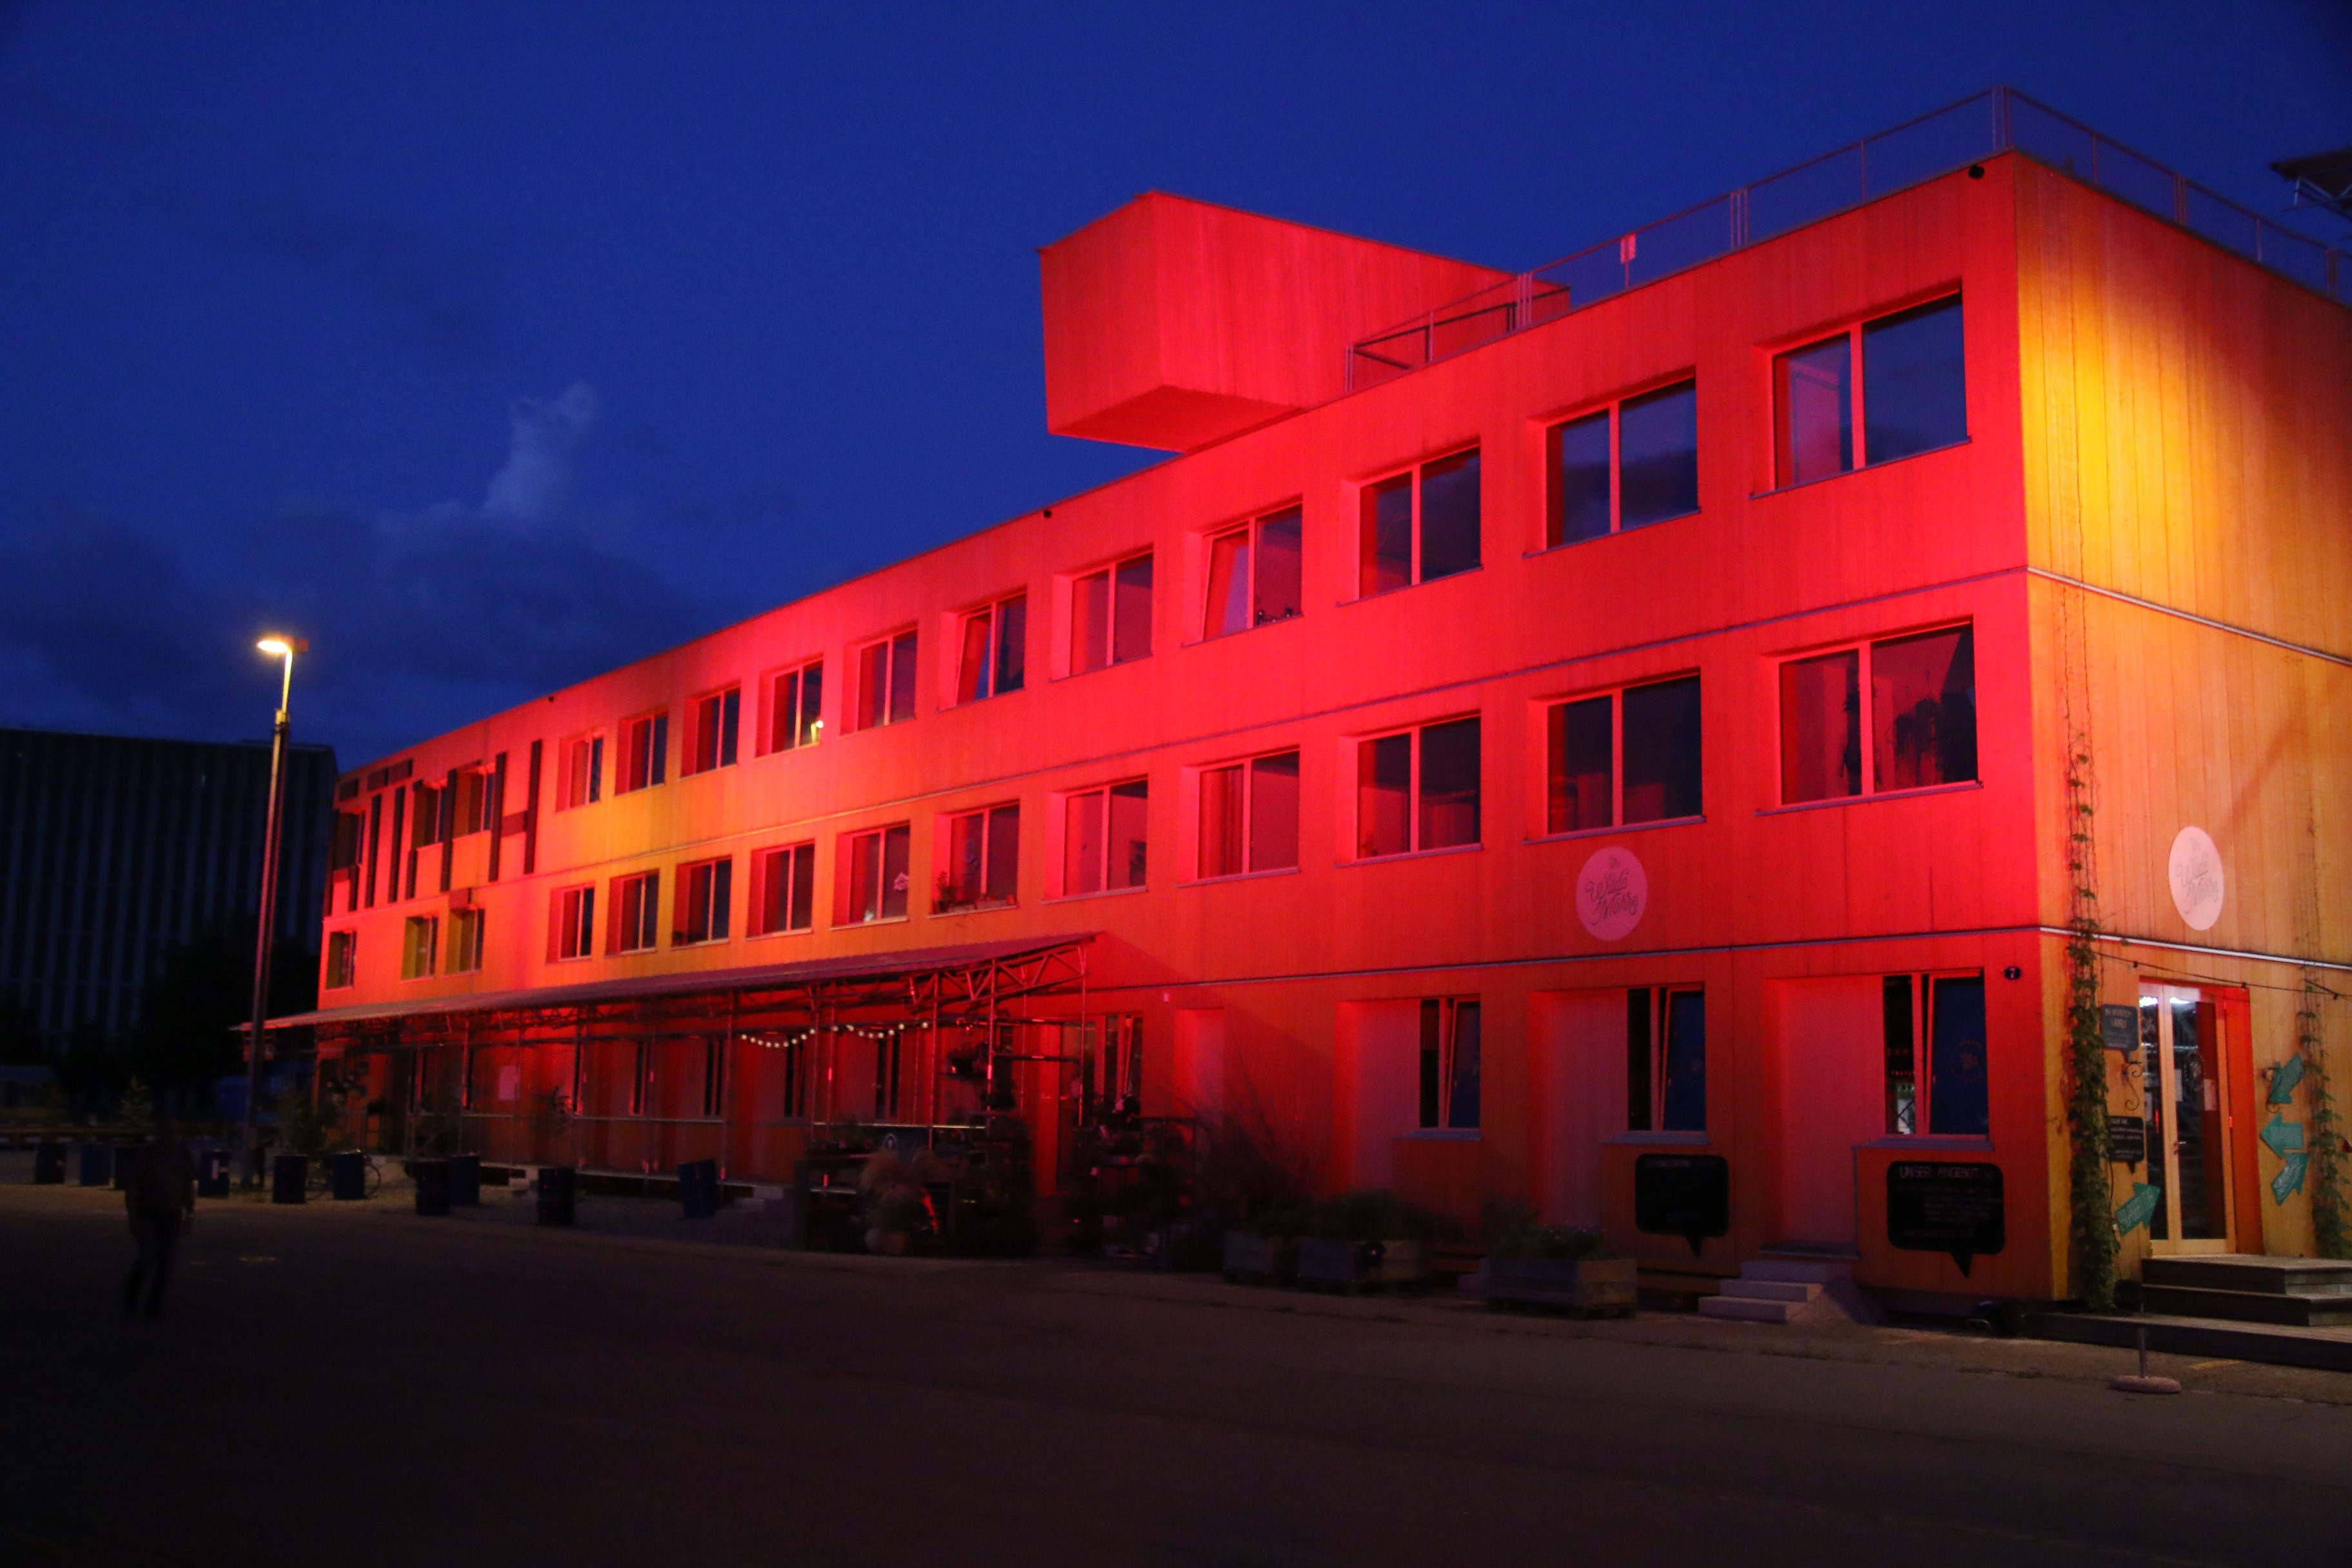 Der Lattich-Bau im Güterbahnhof war am Montag von 22 Uhr bis Mitternacht genau so rot angestrahlt wie...